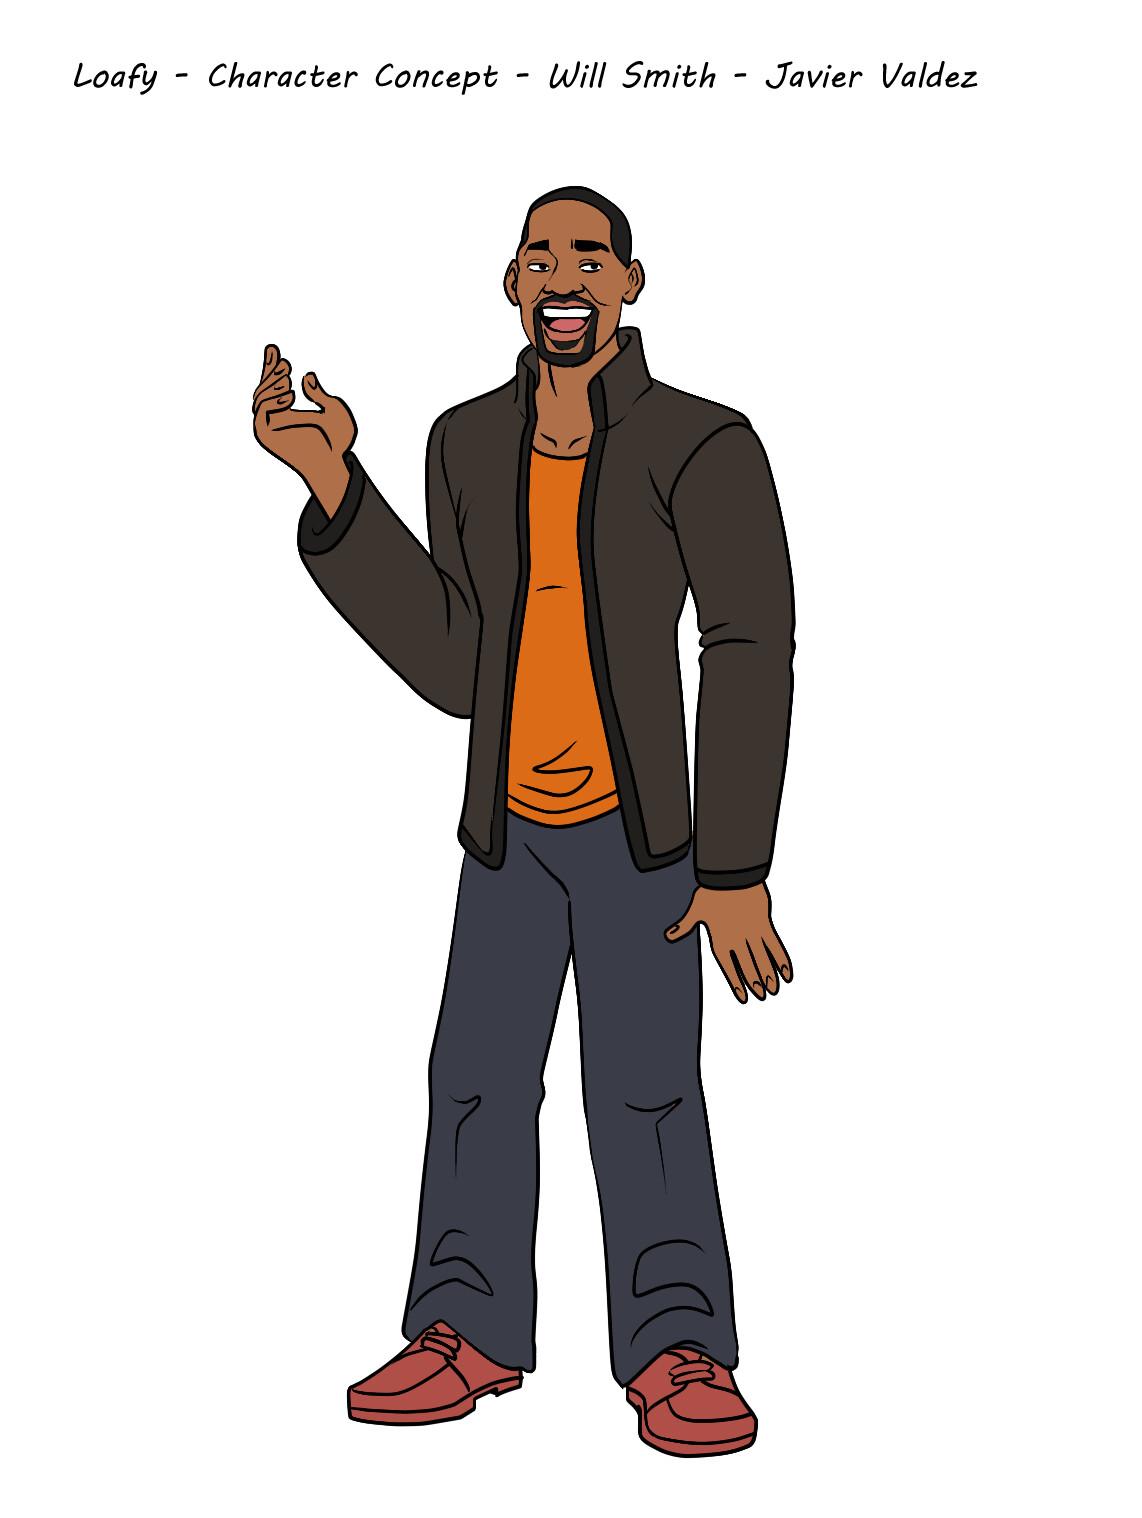 Will Smith, voiced by Jay Pharoah